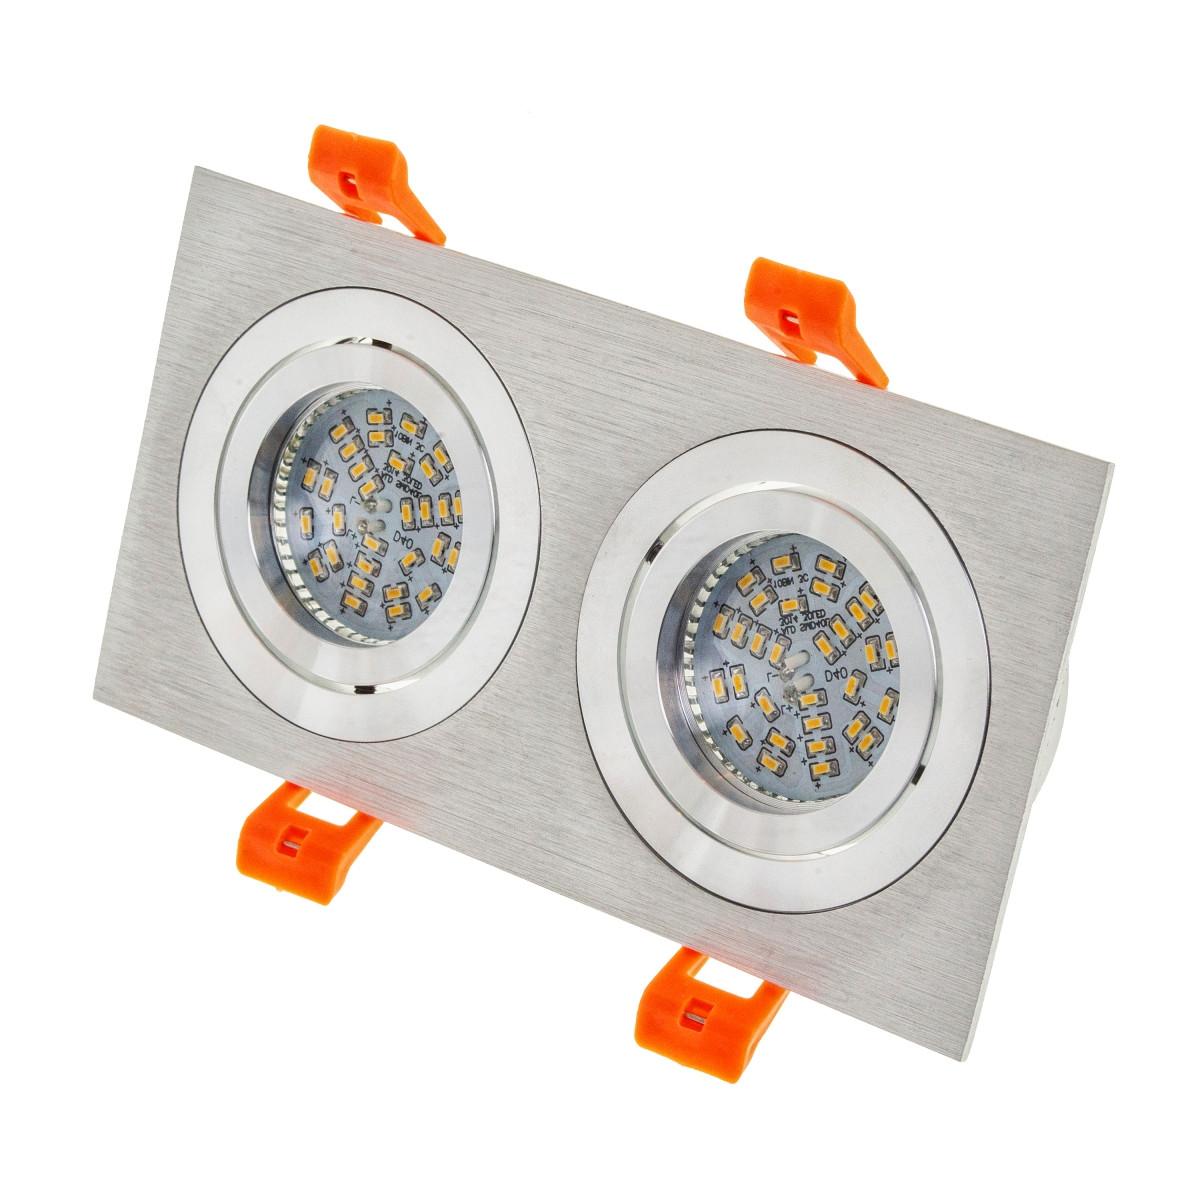 HDL-DT 109/2 MR16 SL встроенный светильник поворотный